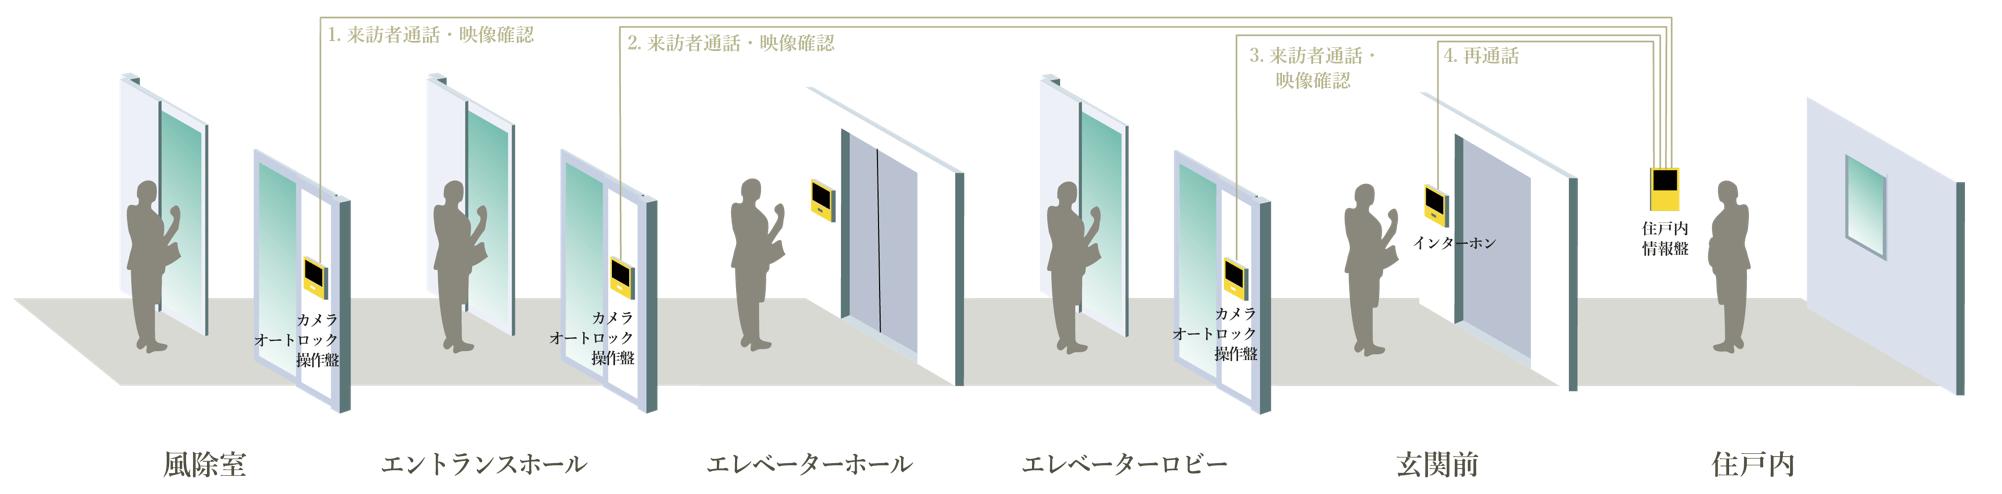 勝どきビュータワーのセキュリティイメージ